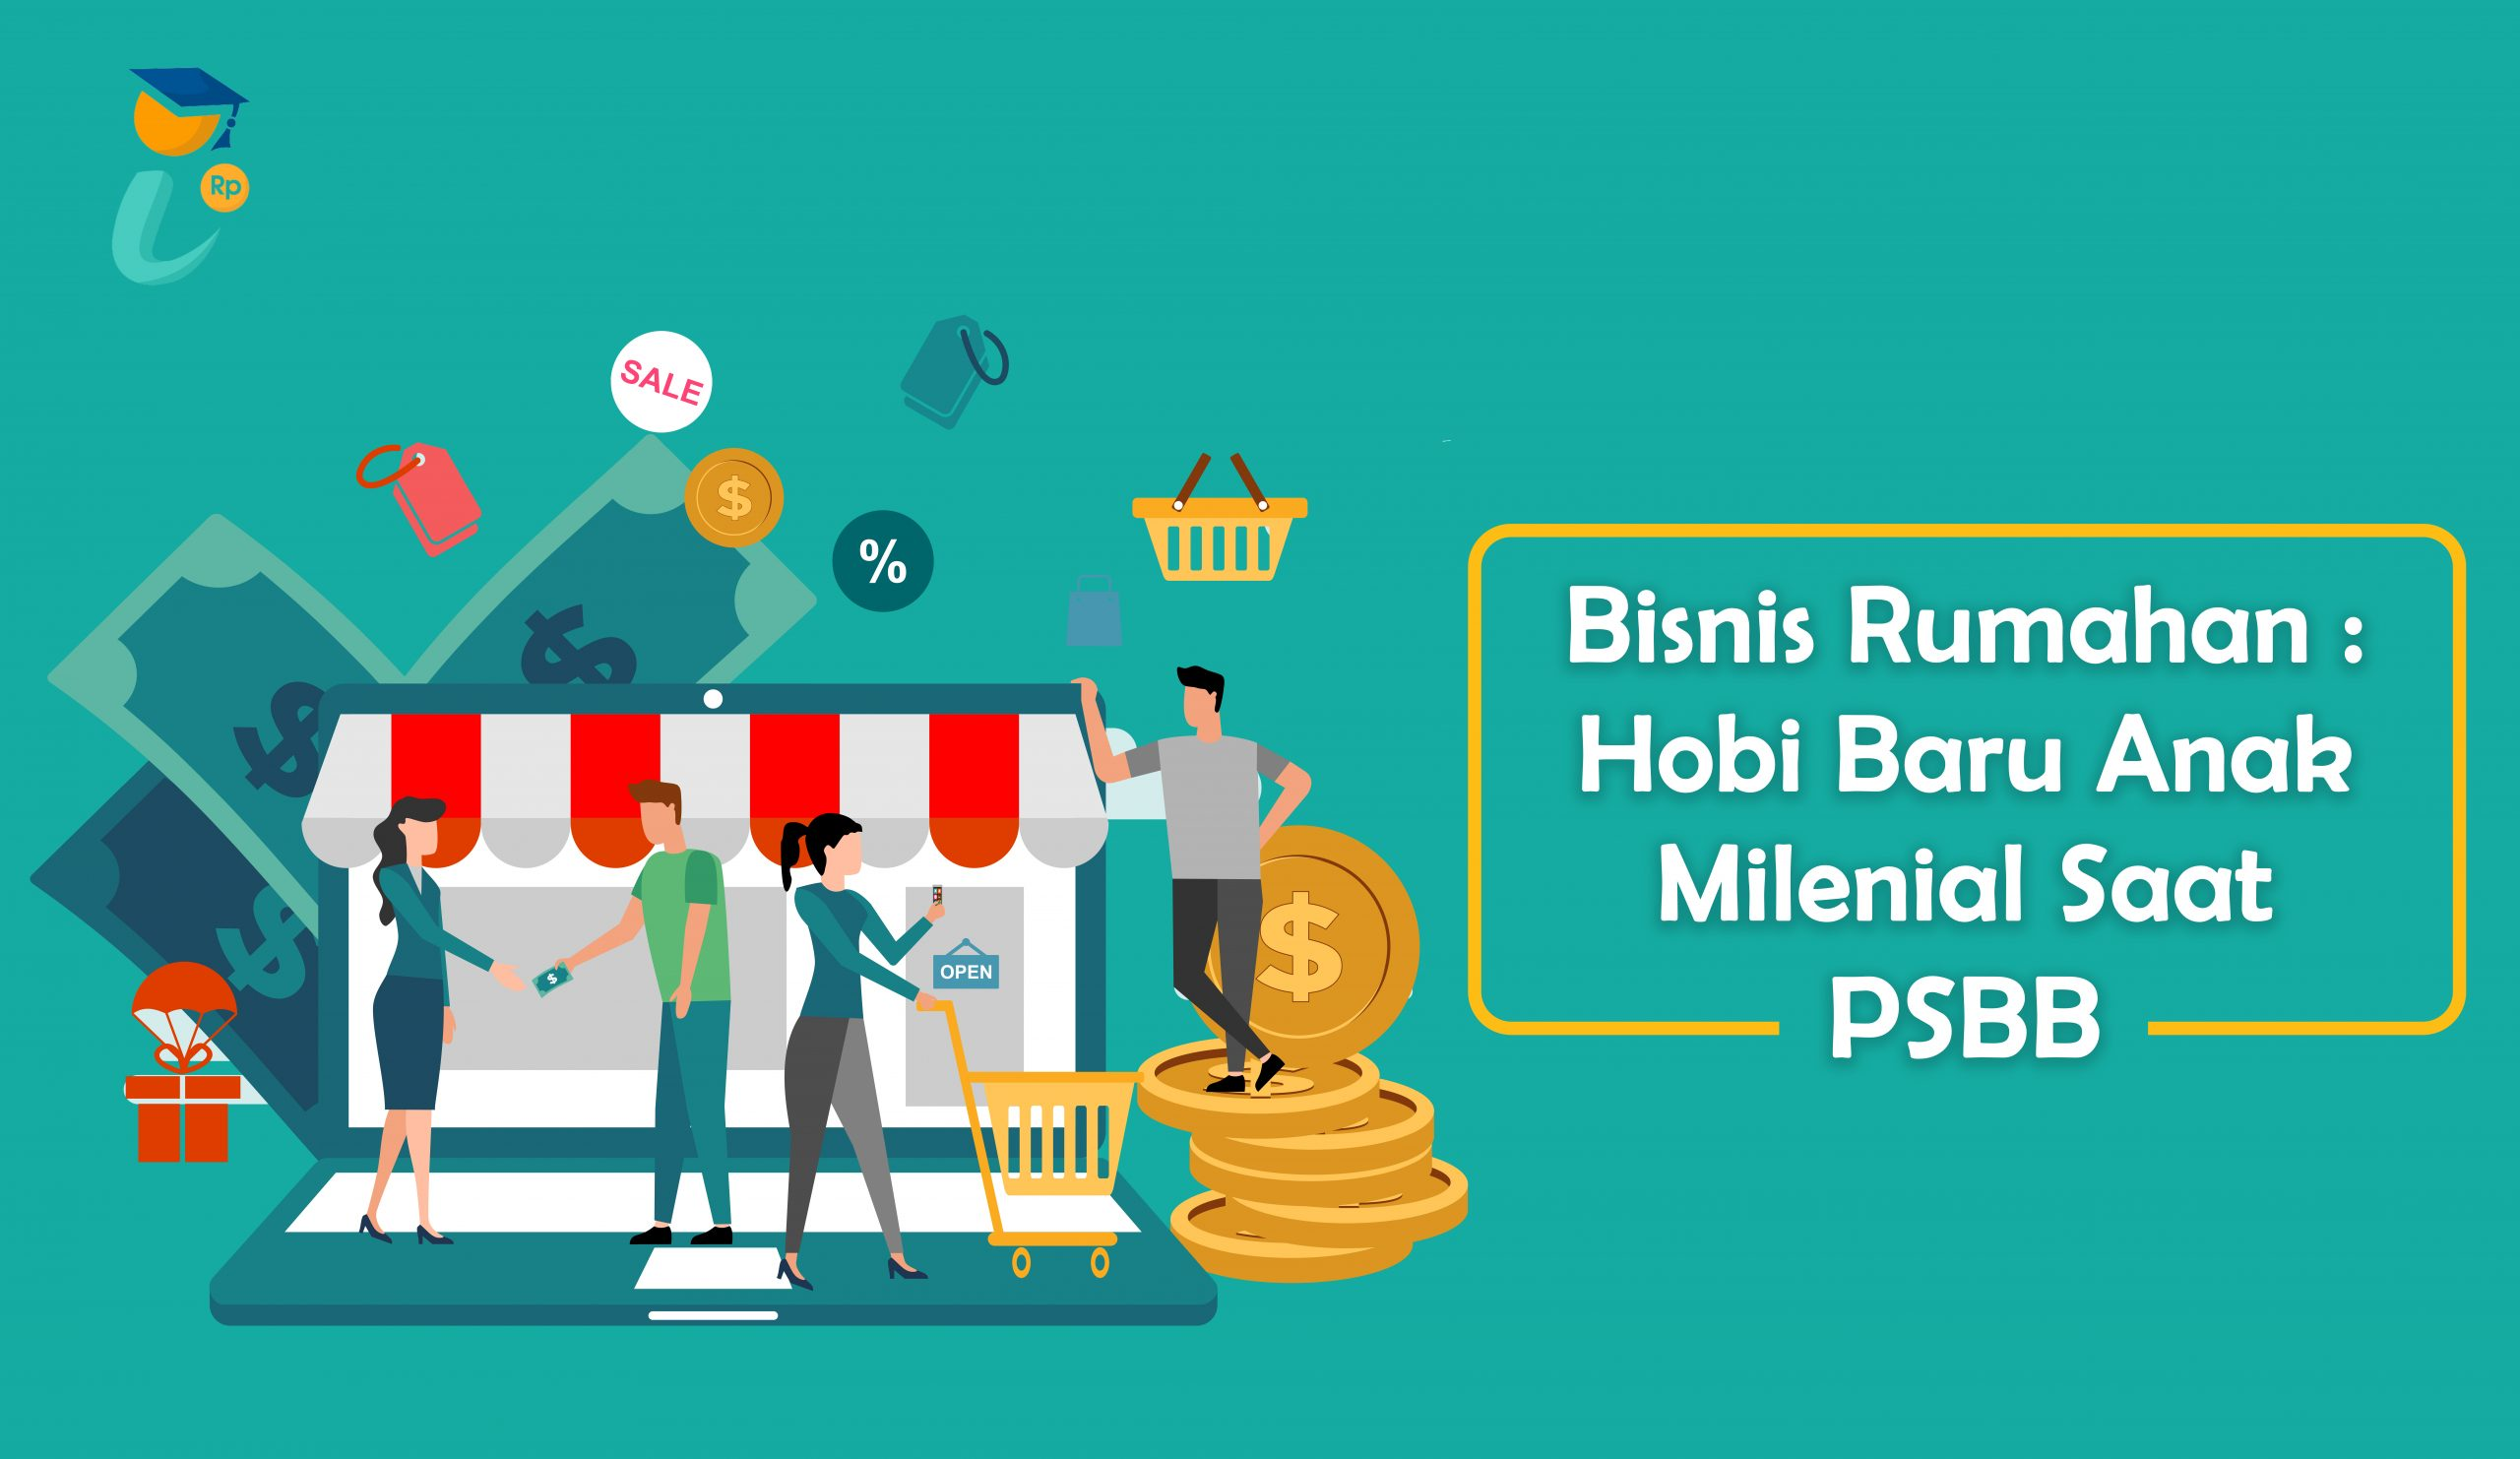 Bisnis Rumahan : Hobi Baru Milenial Saat PSBB